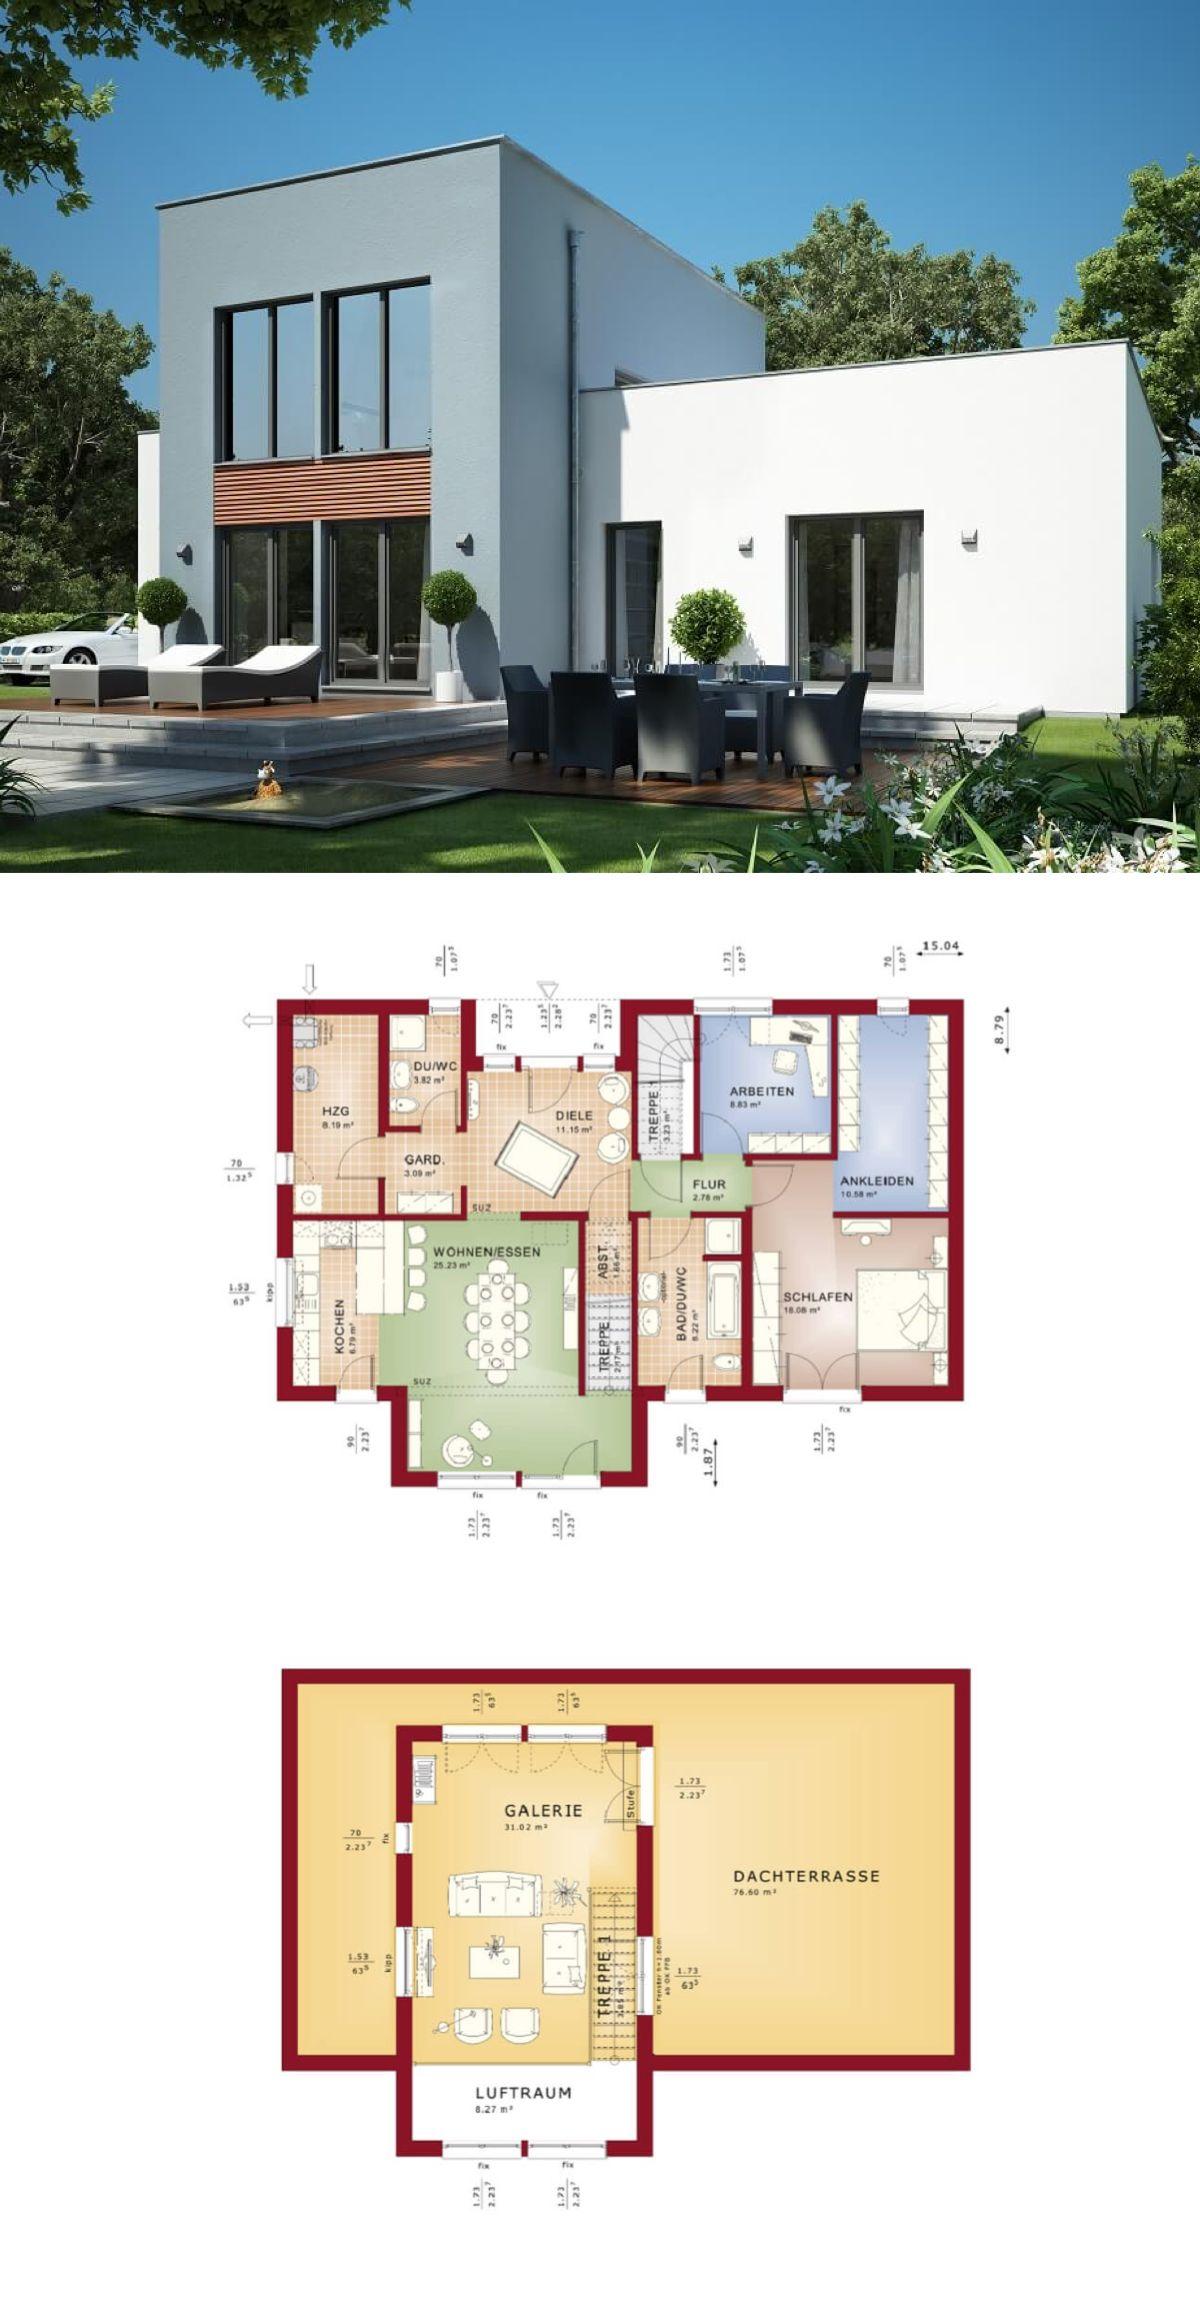 Modernes einfamilienhaus bauhausstil haus evolution 111 for Modernes einfamilienhaus grundriss